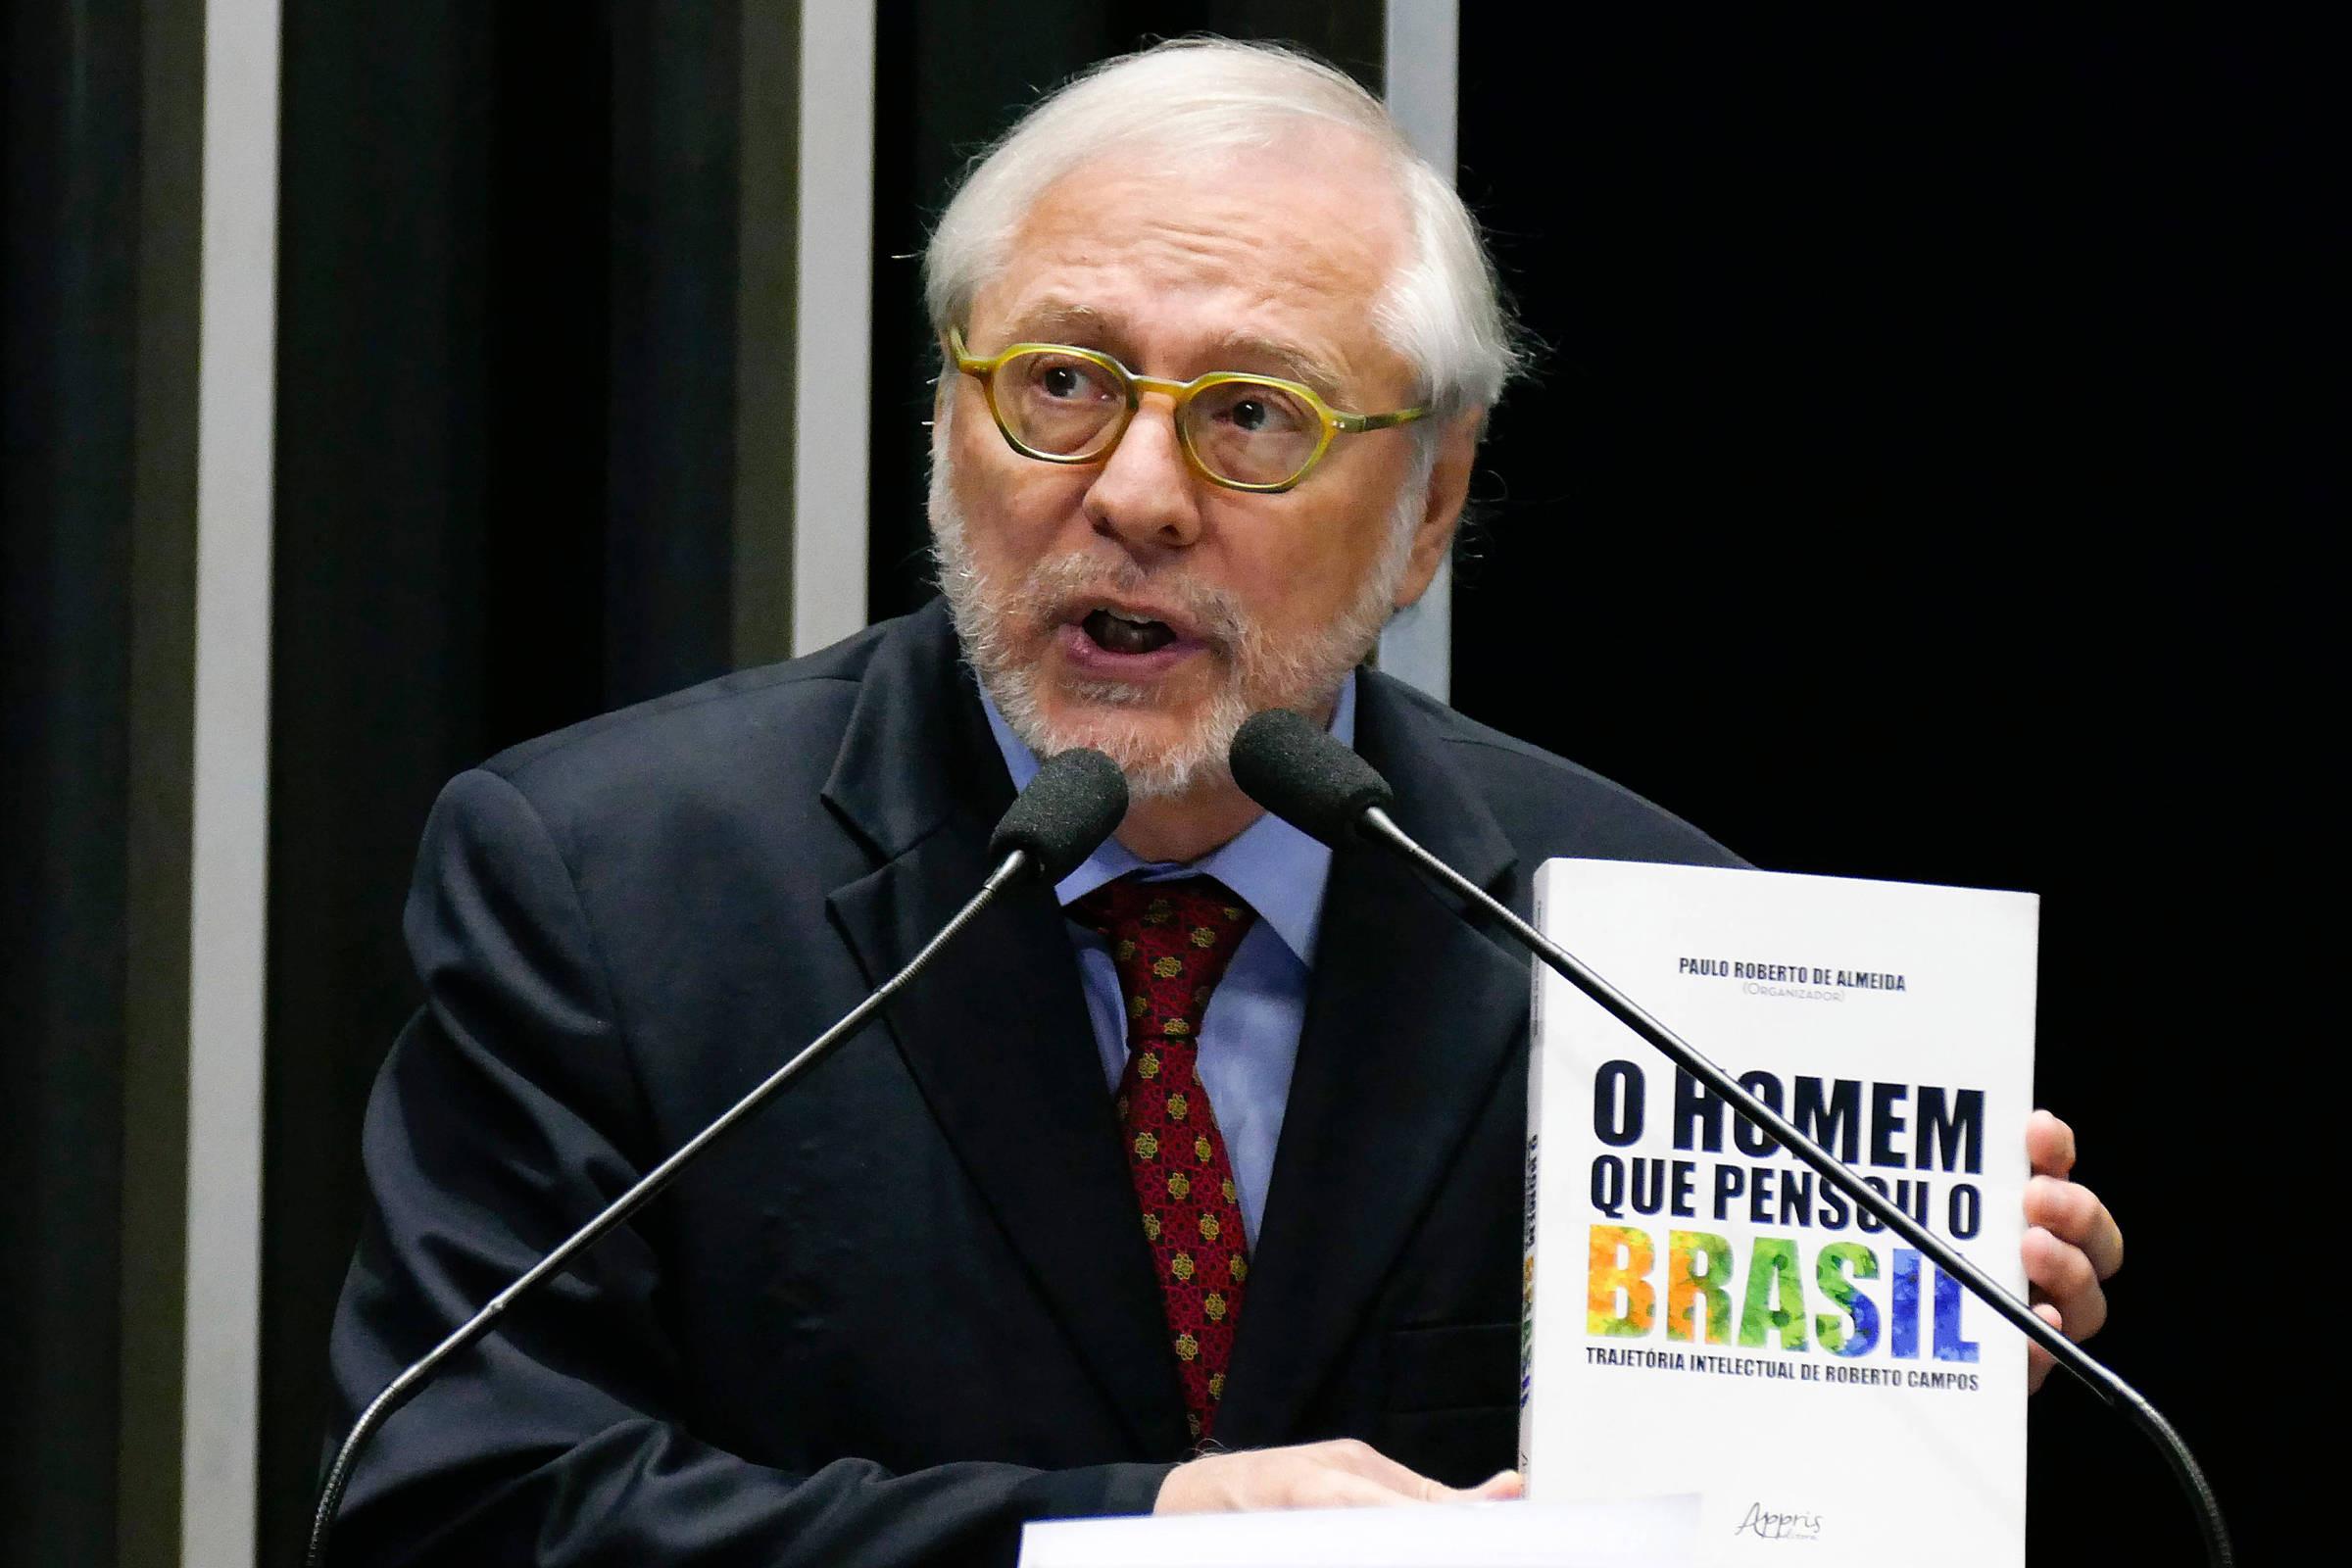 Diplomata é demitido após republicar textos sobre crise na Venezuela